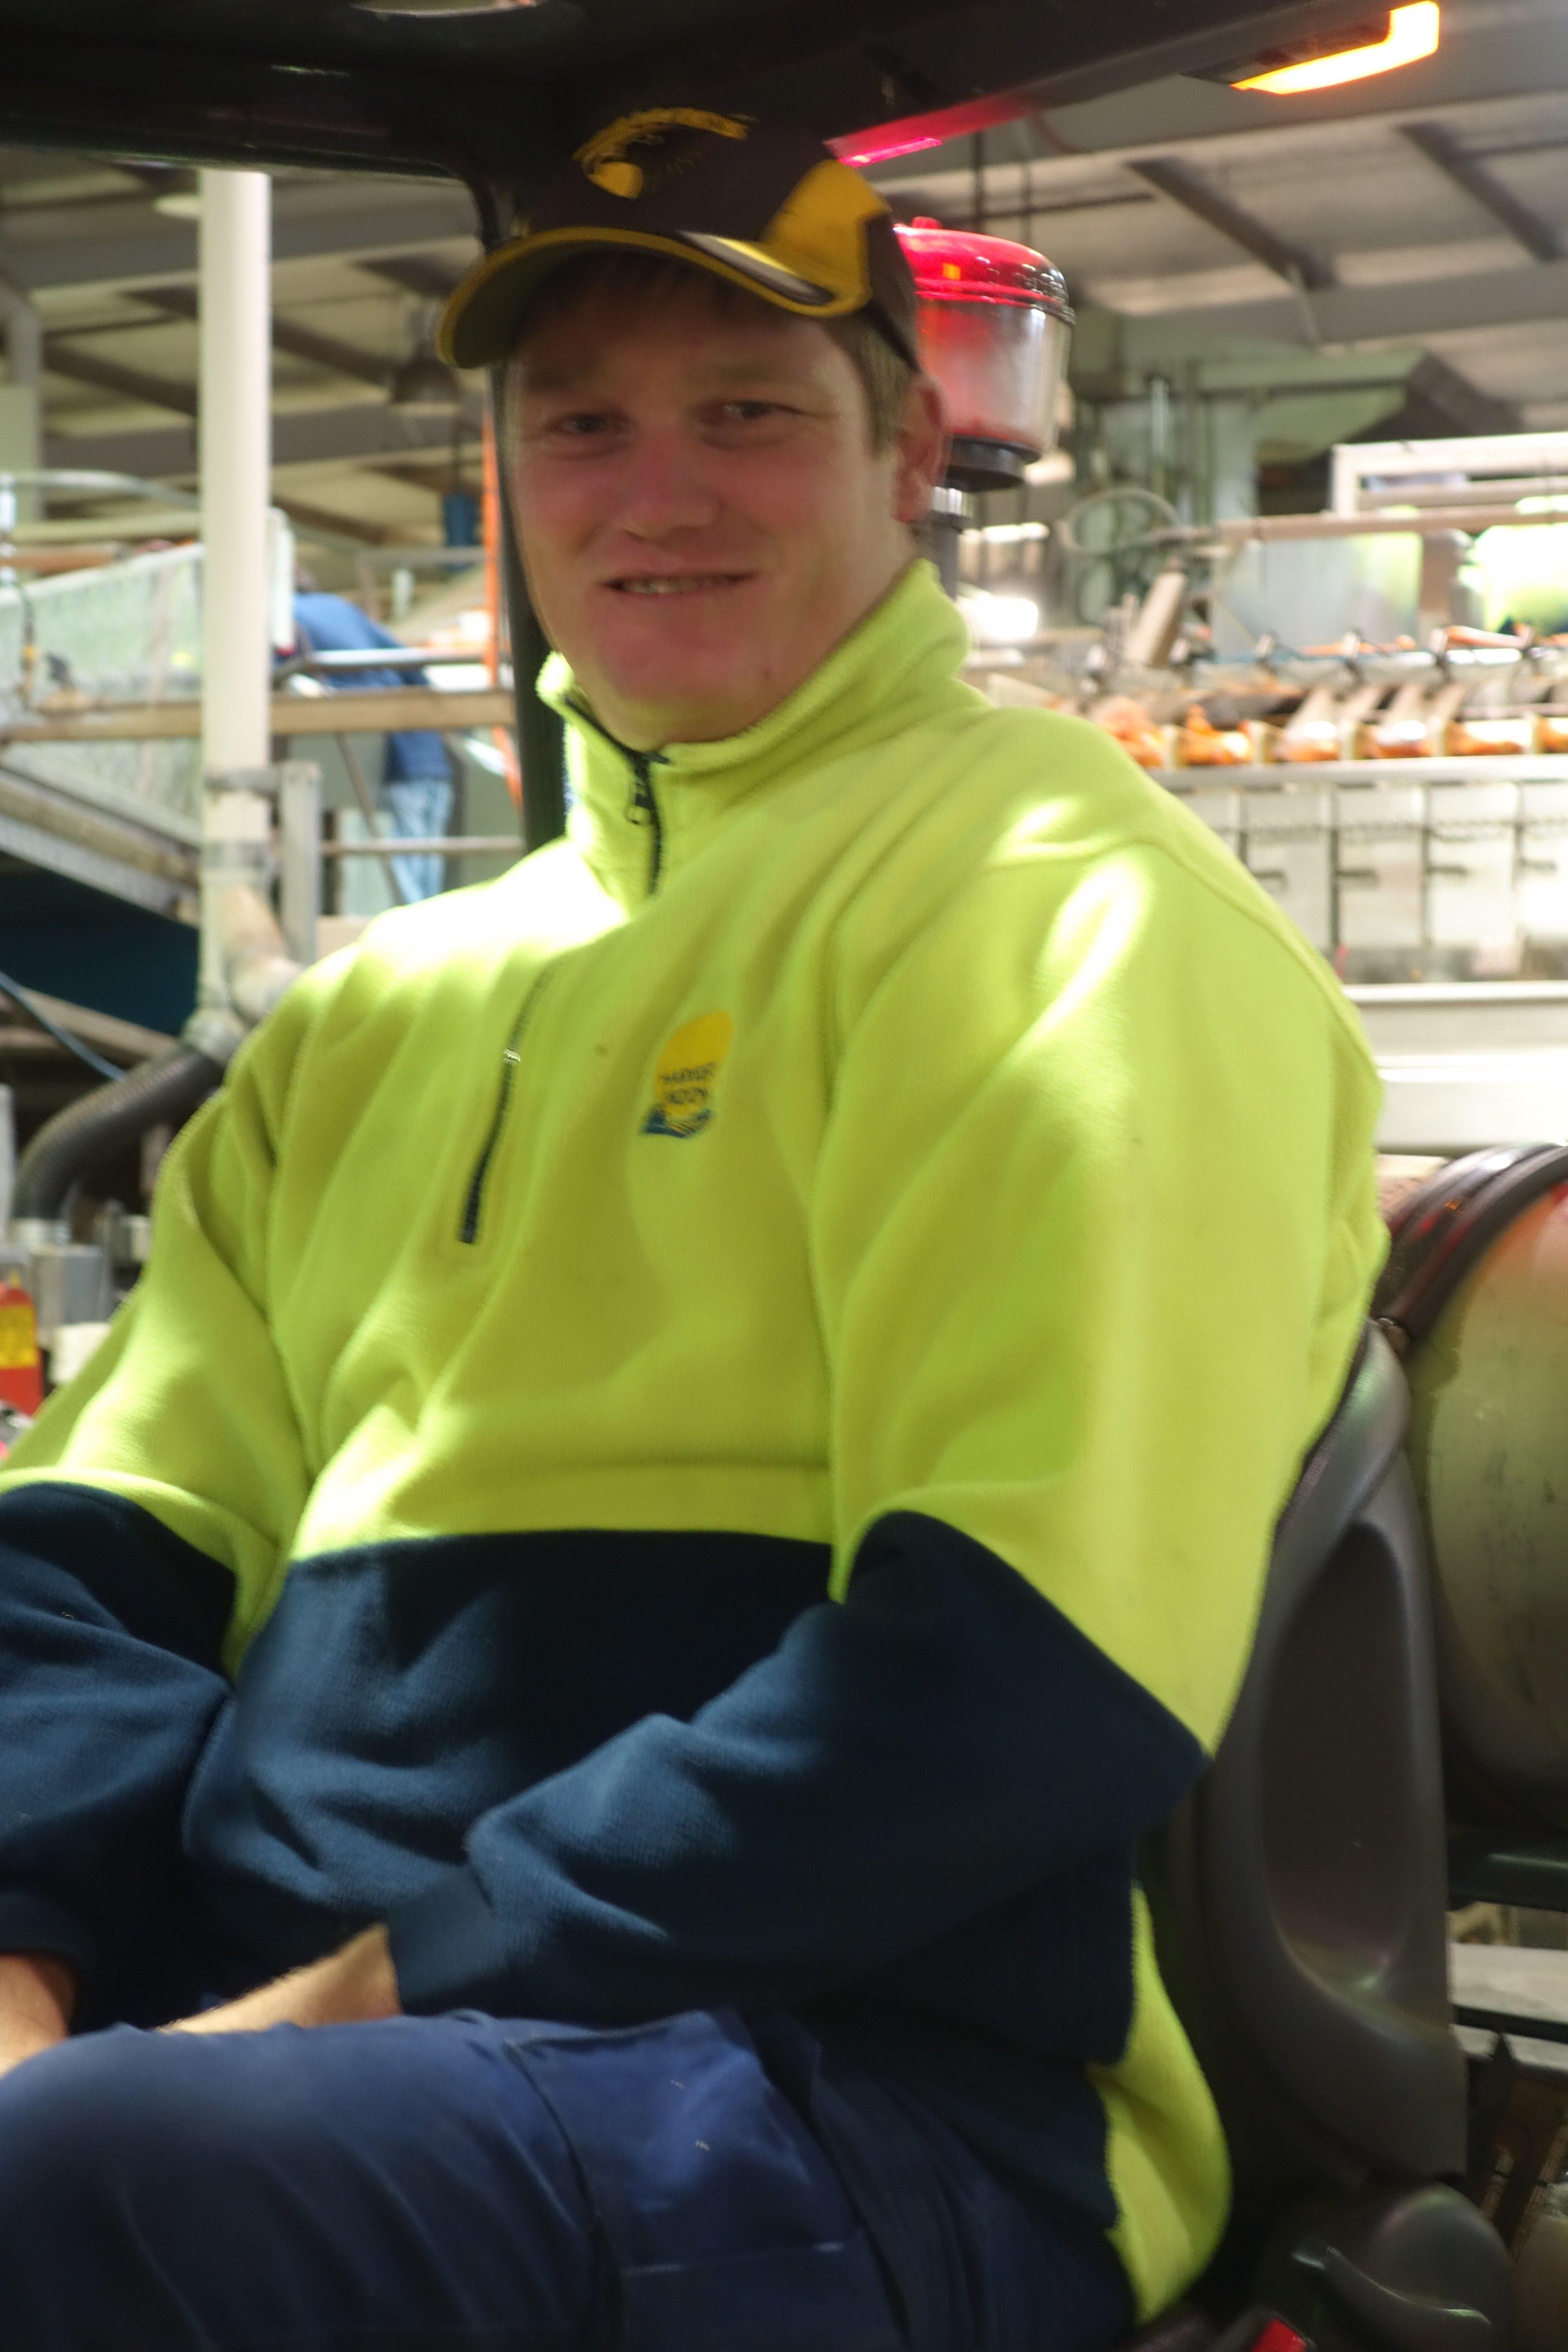 Australie- Tasmanie: Ahh Dave, un Australien très sympa qui m'aura bien aide par moment...